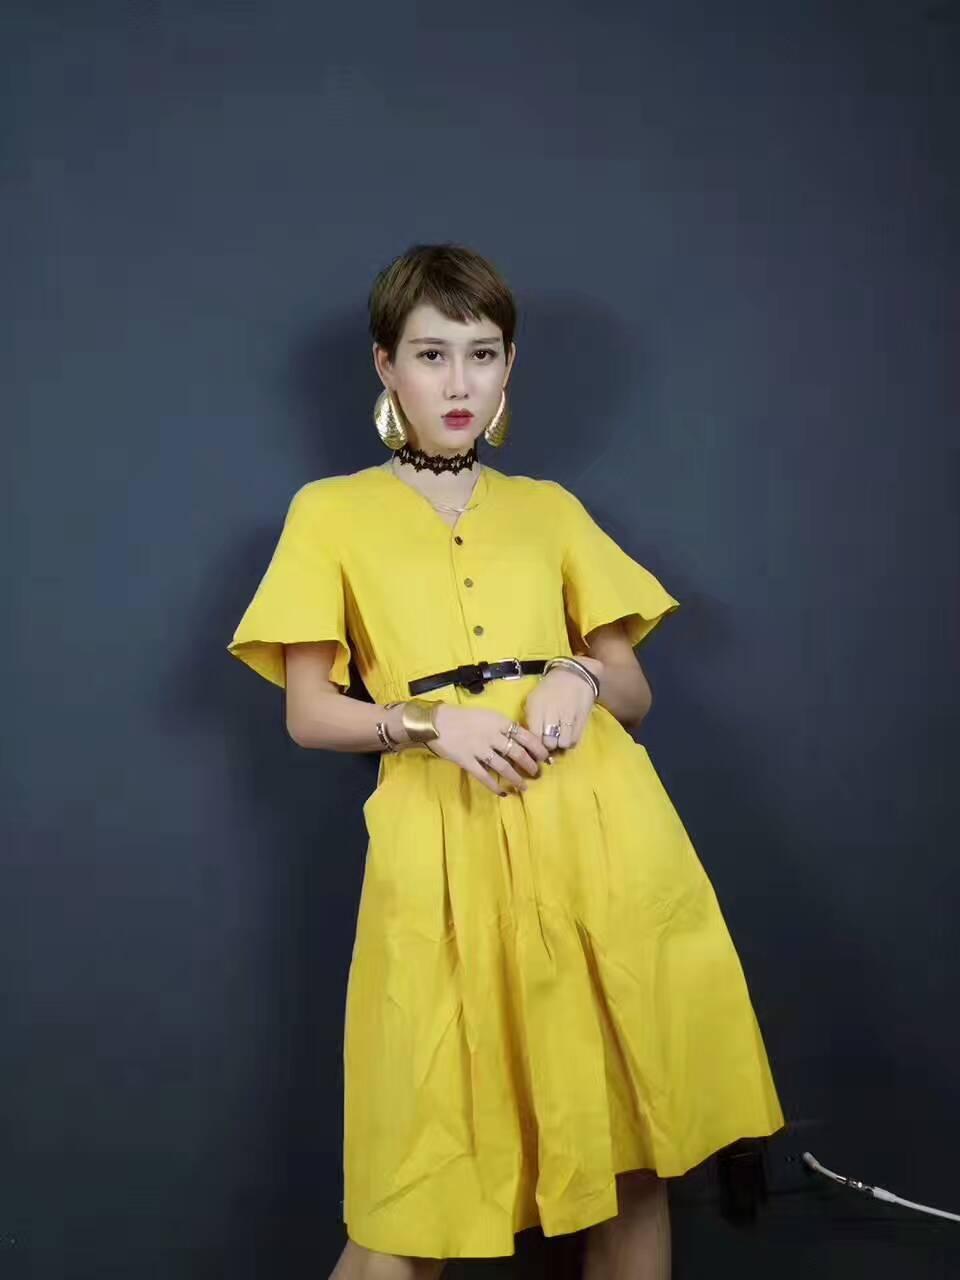 台湾女装批发-可信赖的郑州女装代理优选卓岳服饰